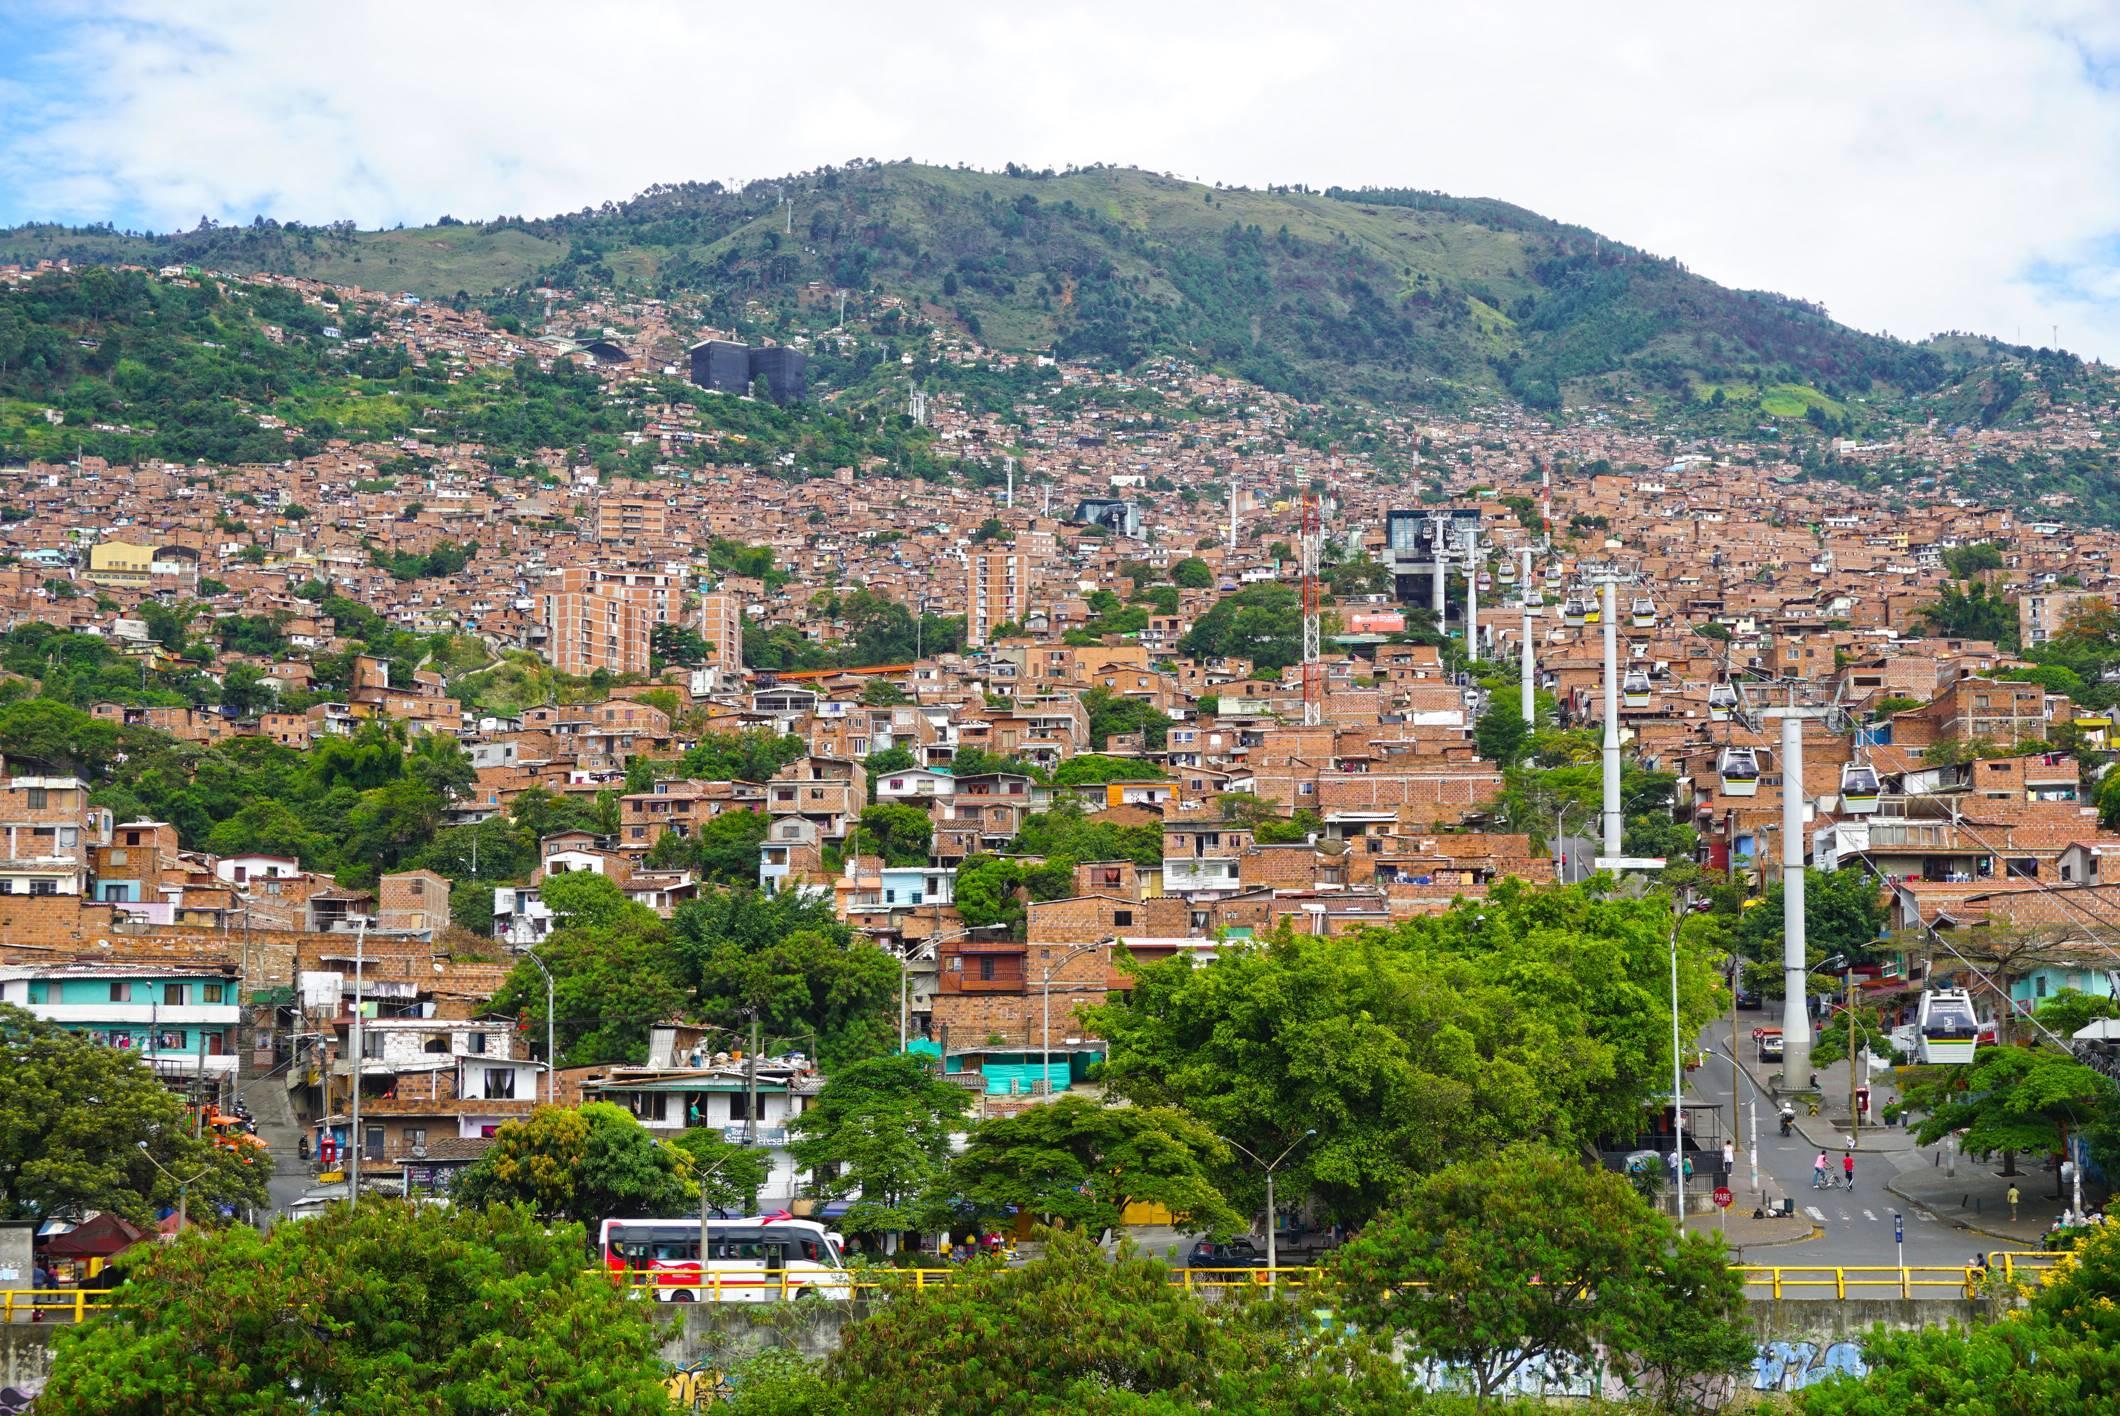 Severná časť mesta Medellin, jedna z tžch, ktoré je vidno v úvodných titulkoch Narcos.